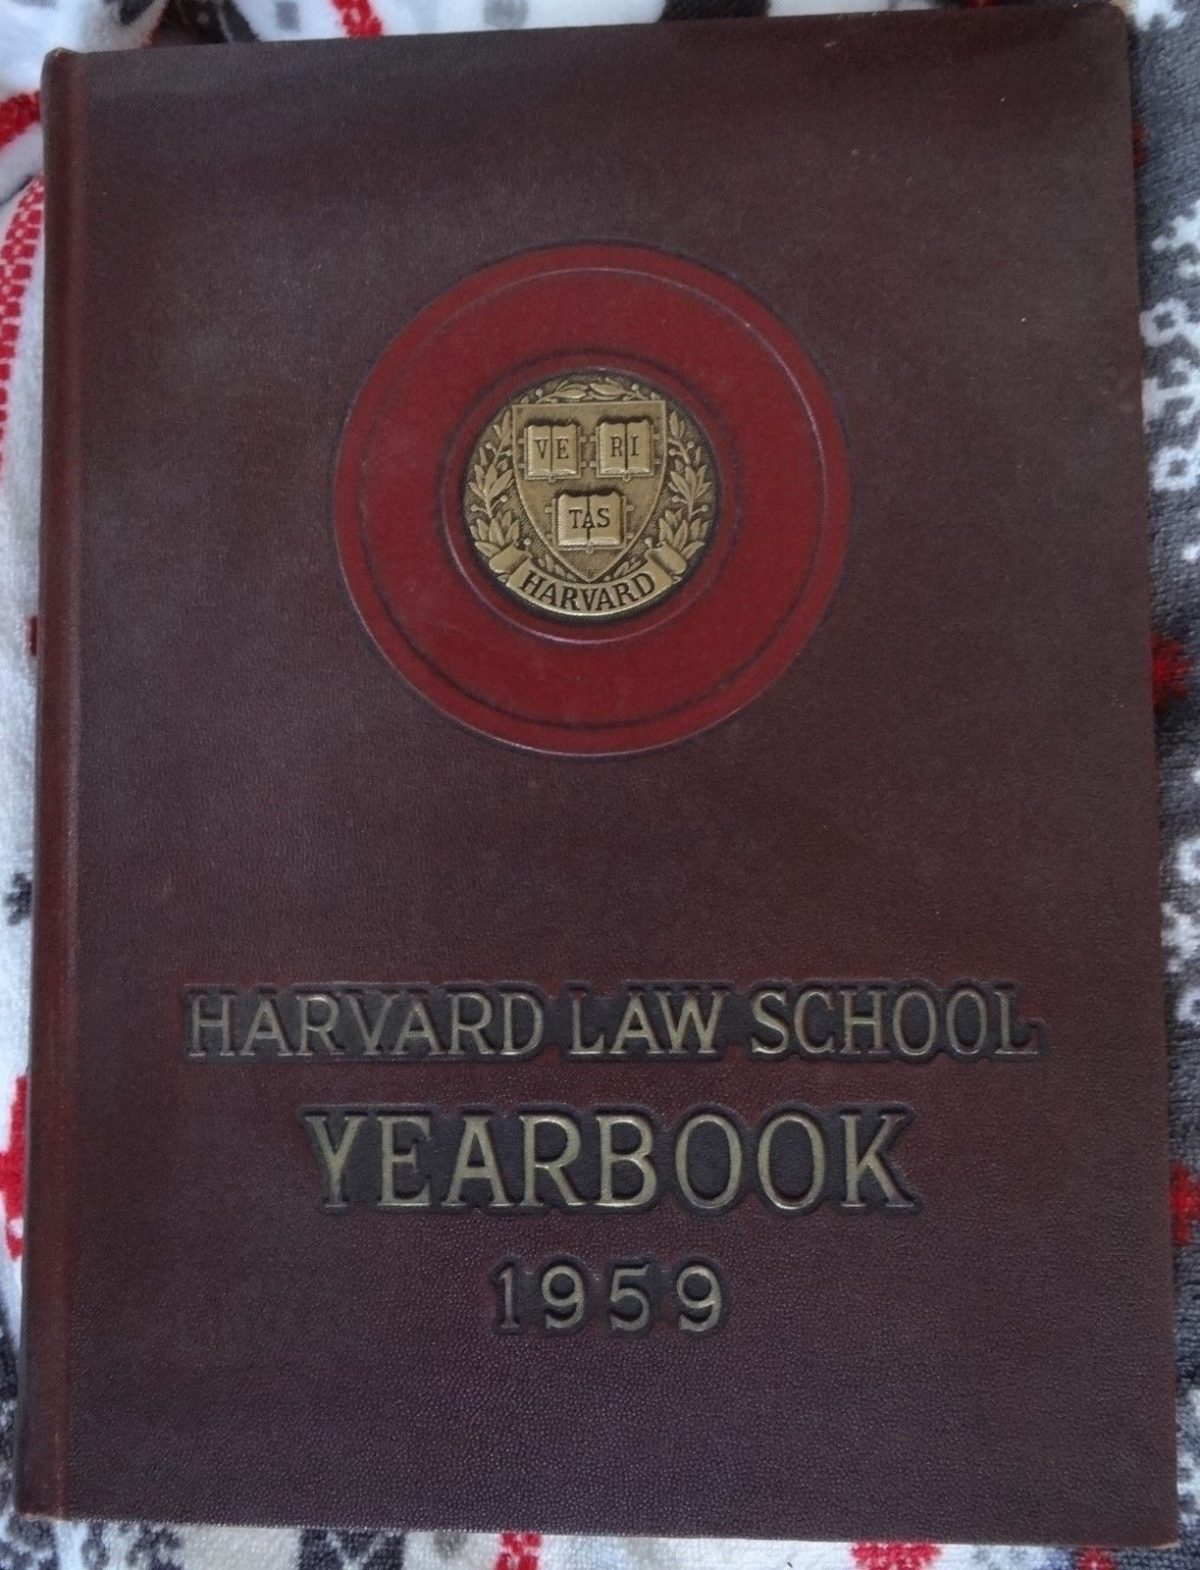 Harvard Law School 1959 Yearbook, Cambridge Massachusetts